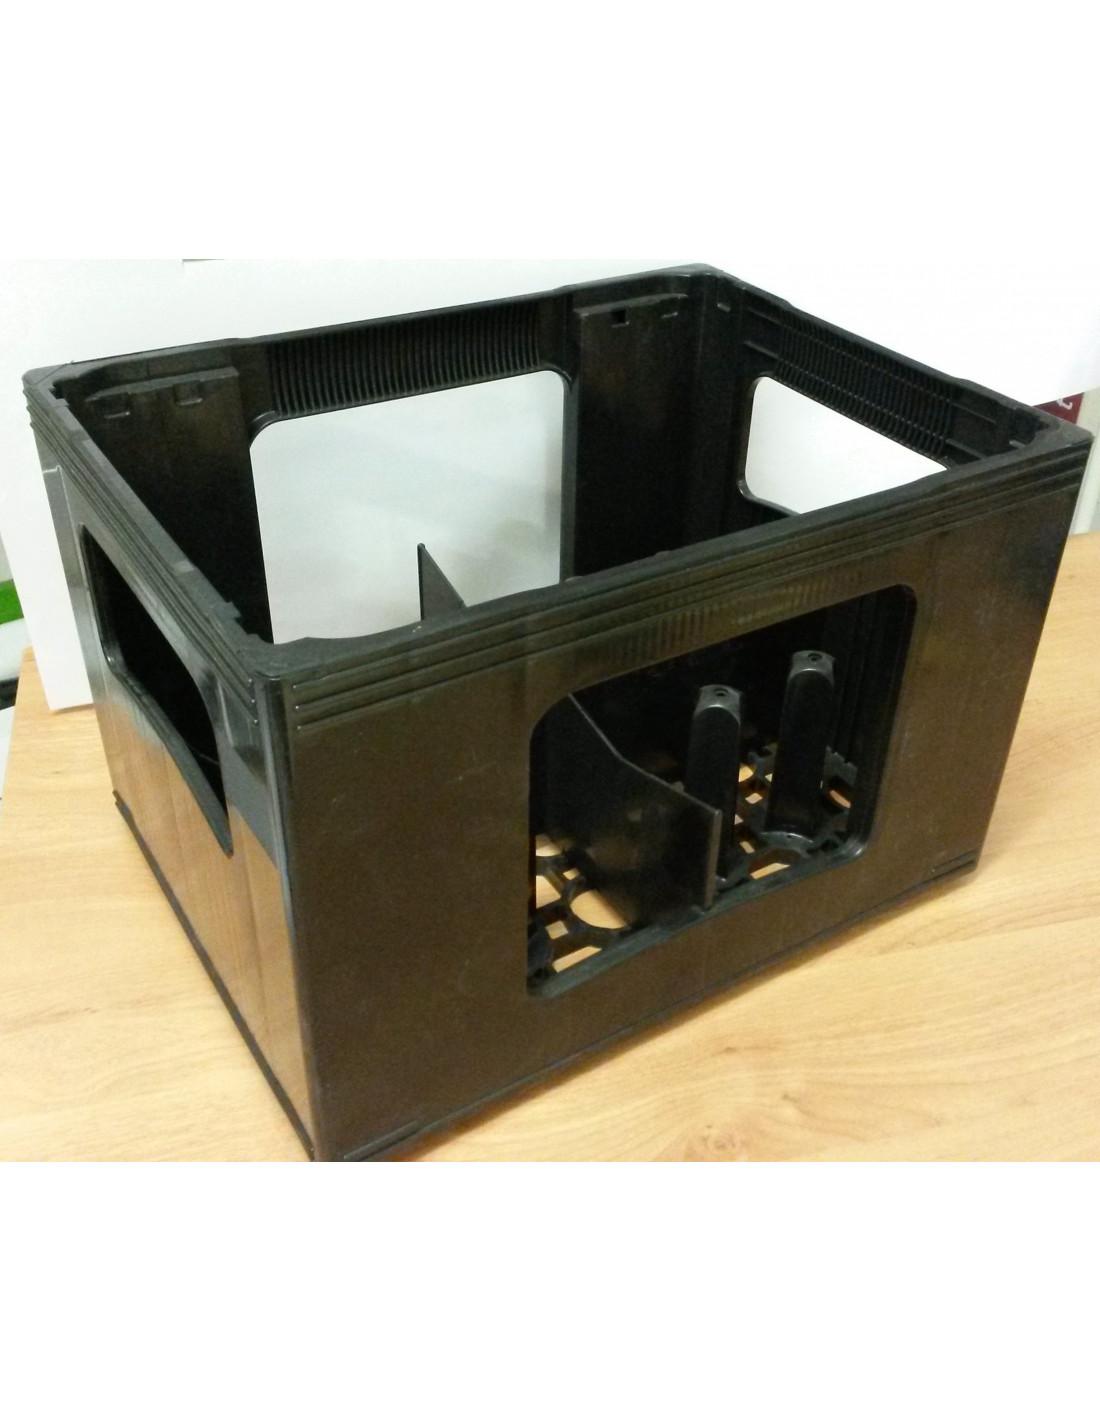 caisse plastique 24 x 33cl brasser sa bi re mat riels brassage cuves tonnelets et accessoires. Black Bedroom Furniture Sets. Home Design Ideas